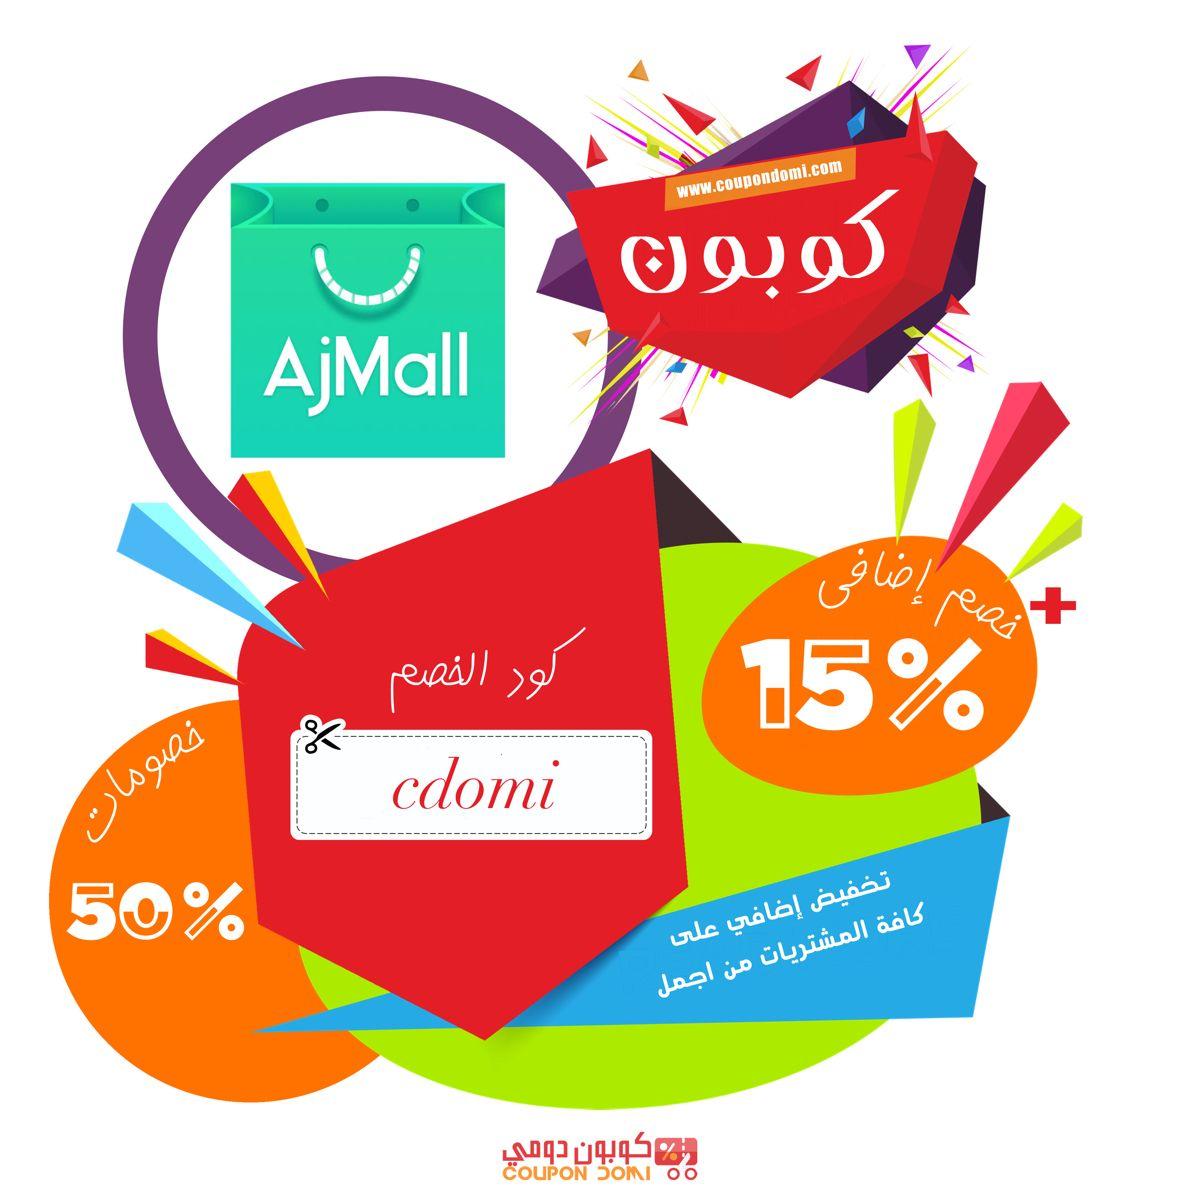 أحدث كوبون خصم اجمل 15 على جميع المنتجات تخفيضات حتى 40 من Ajmall Reni 10 Things Sephora